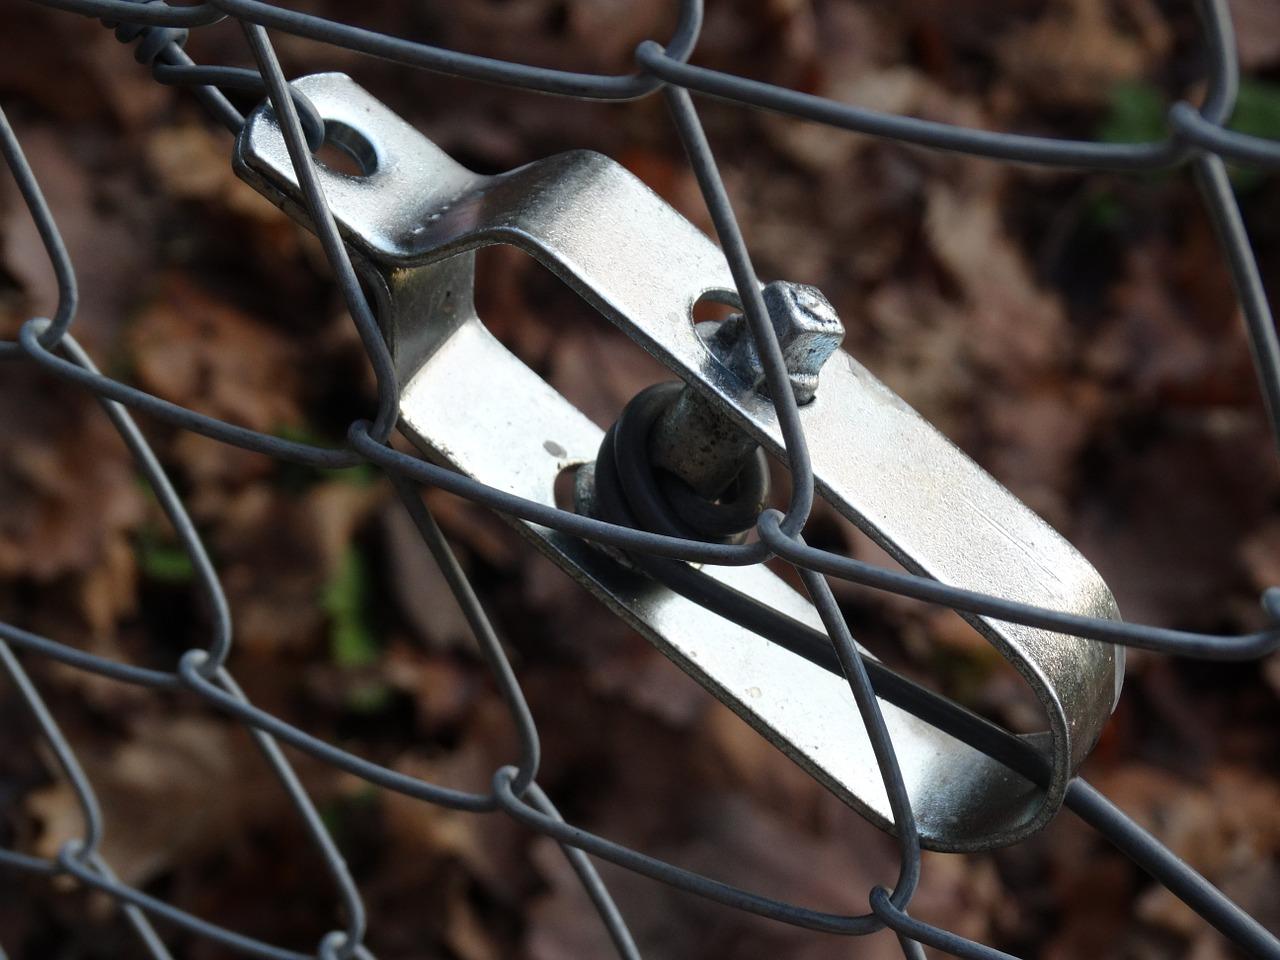 fence-adjuster-590623_1280